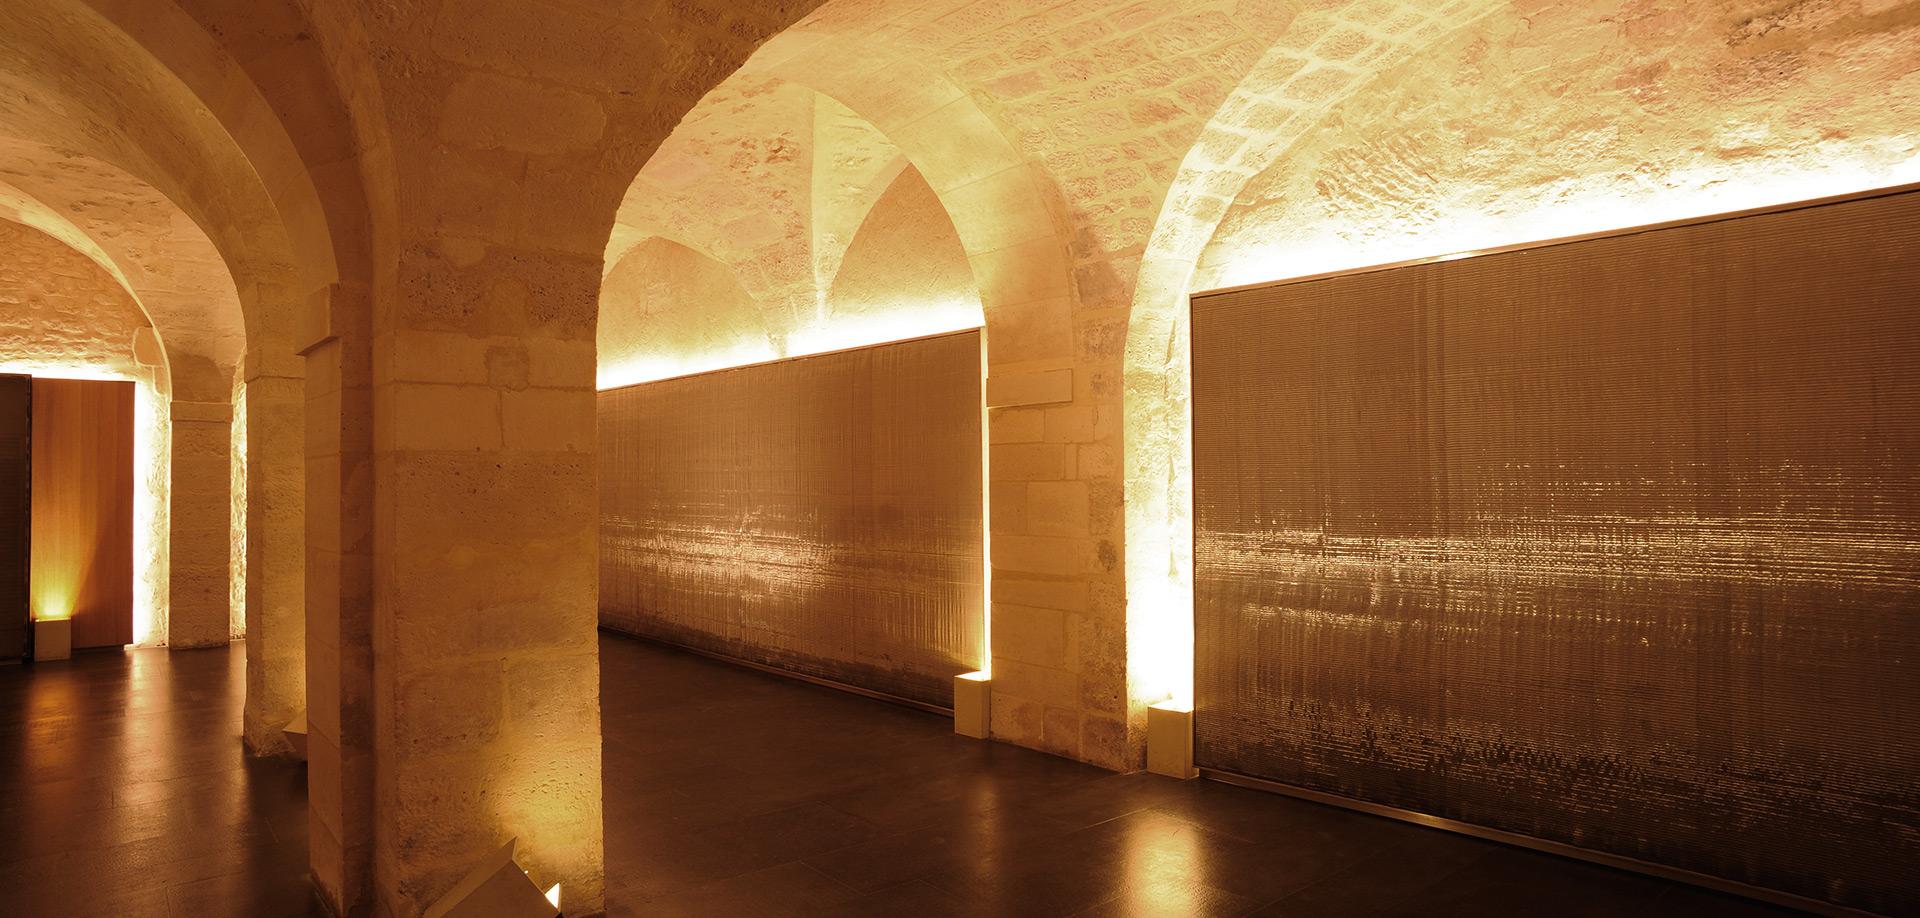 Sophie-Mallebranche-Paris-Musee-De-La-Chasse-Acoustic-Panels